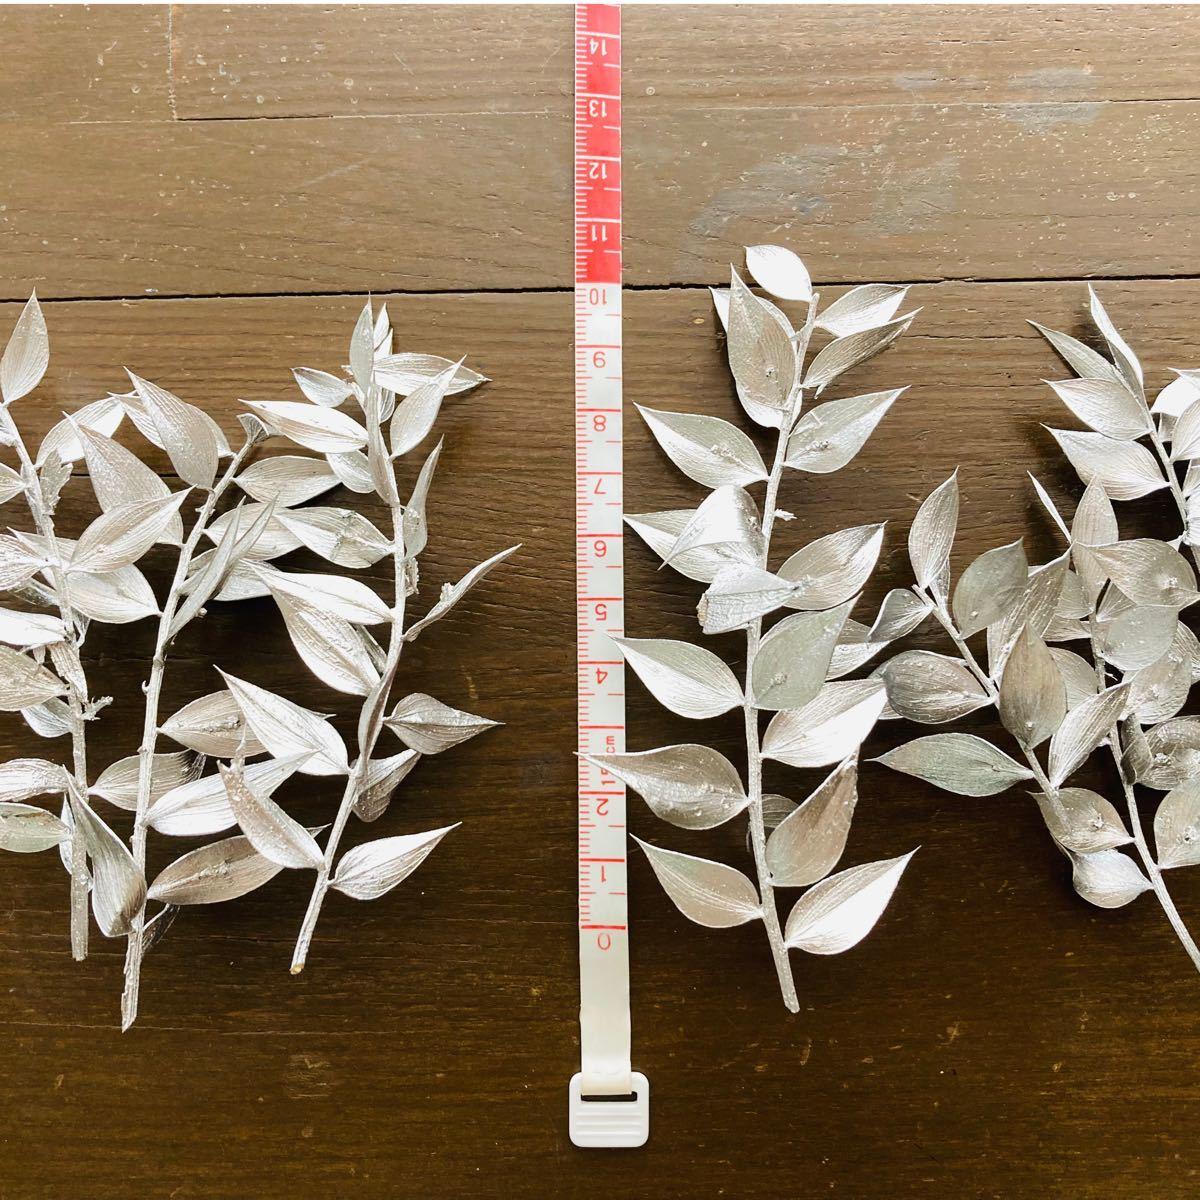 ラスカス シルバーお花お試し詰合せ プリザーブドフラワー ハーバリウム 花材 ハンドメイド